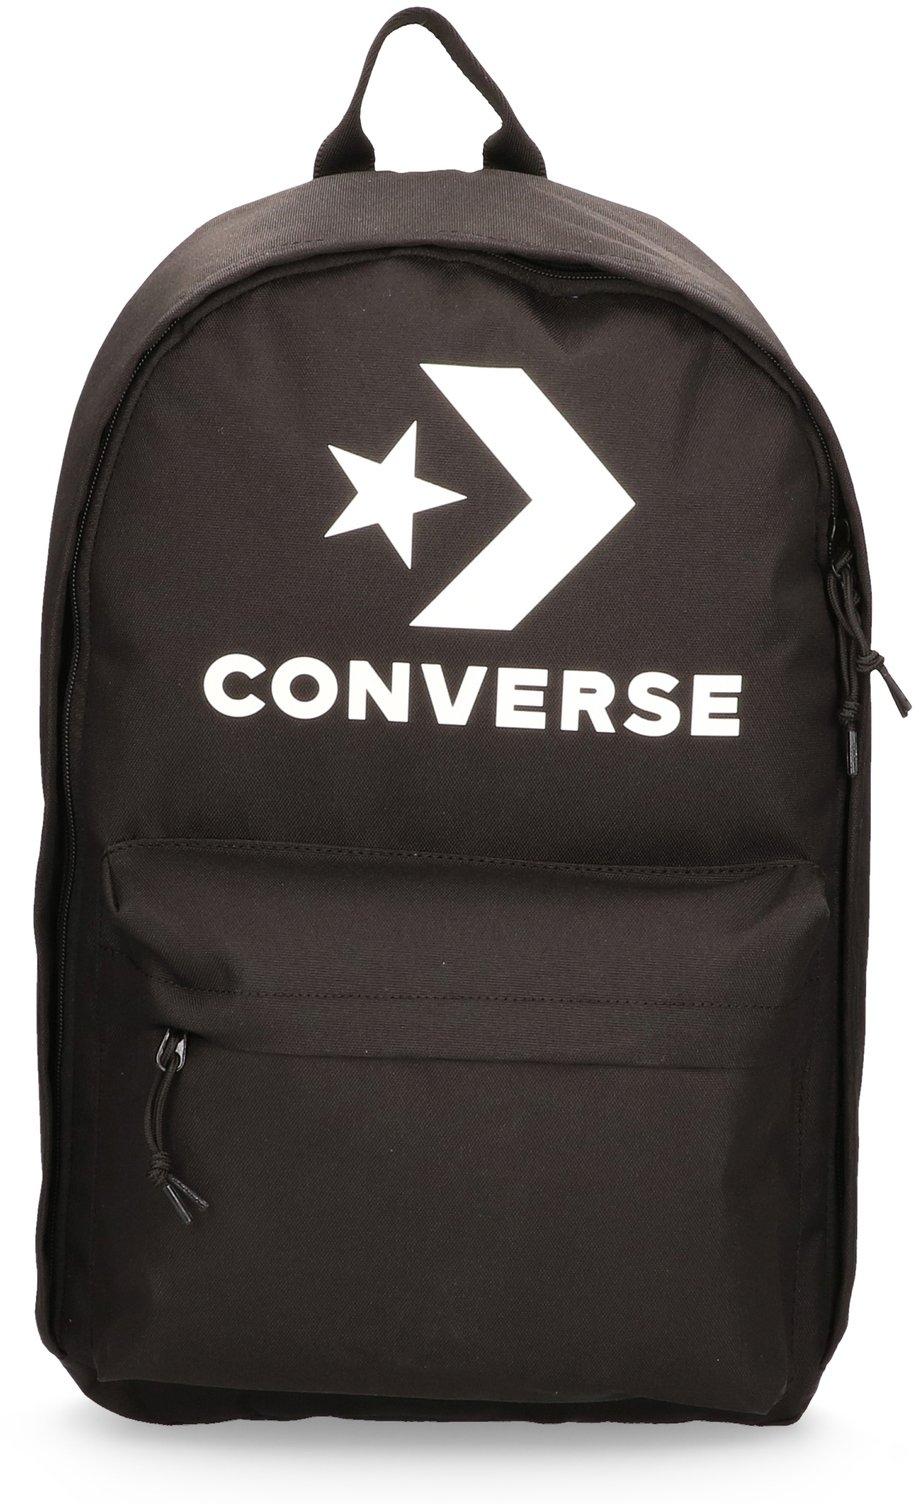 Converse laptoprugzak EDC 22, black voordelig en veilig online kopen